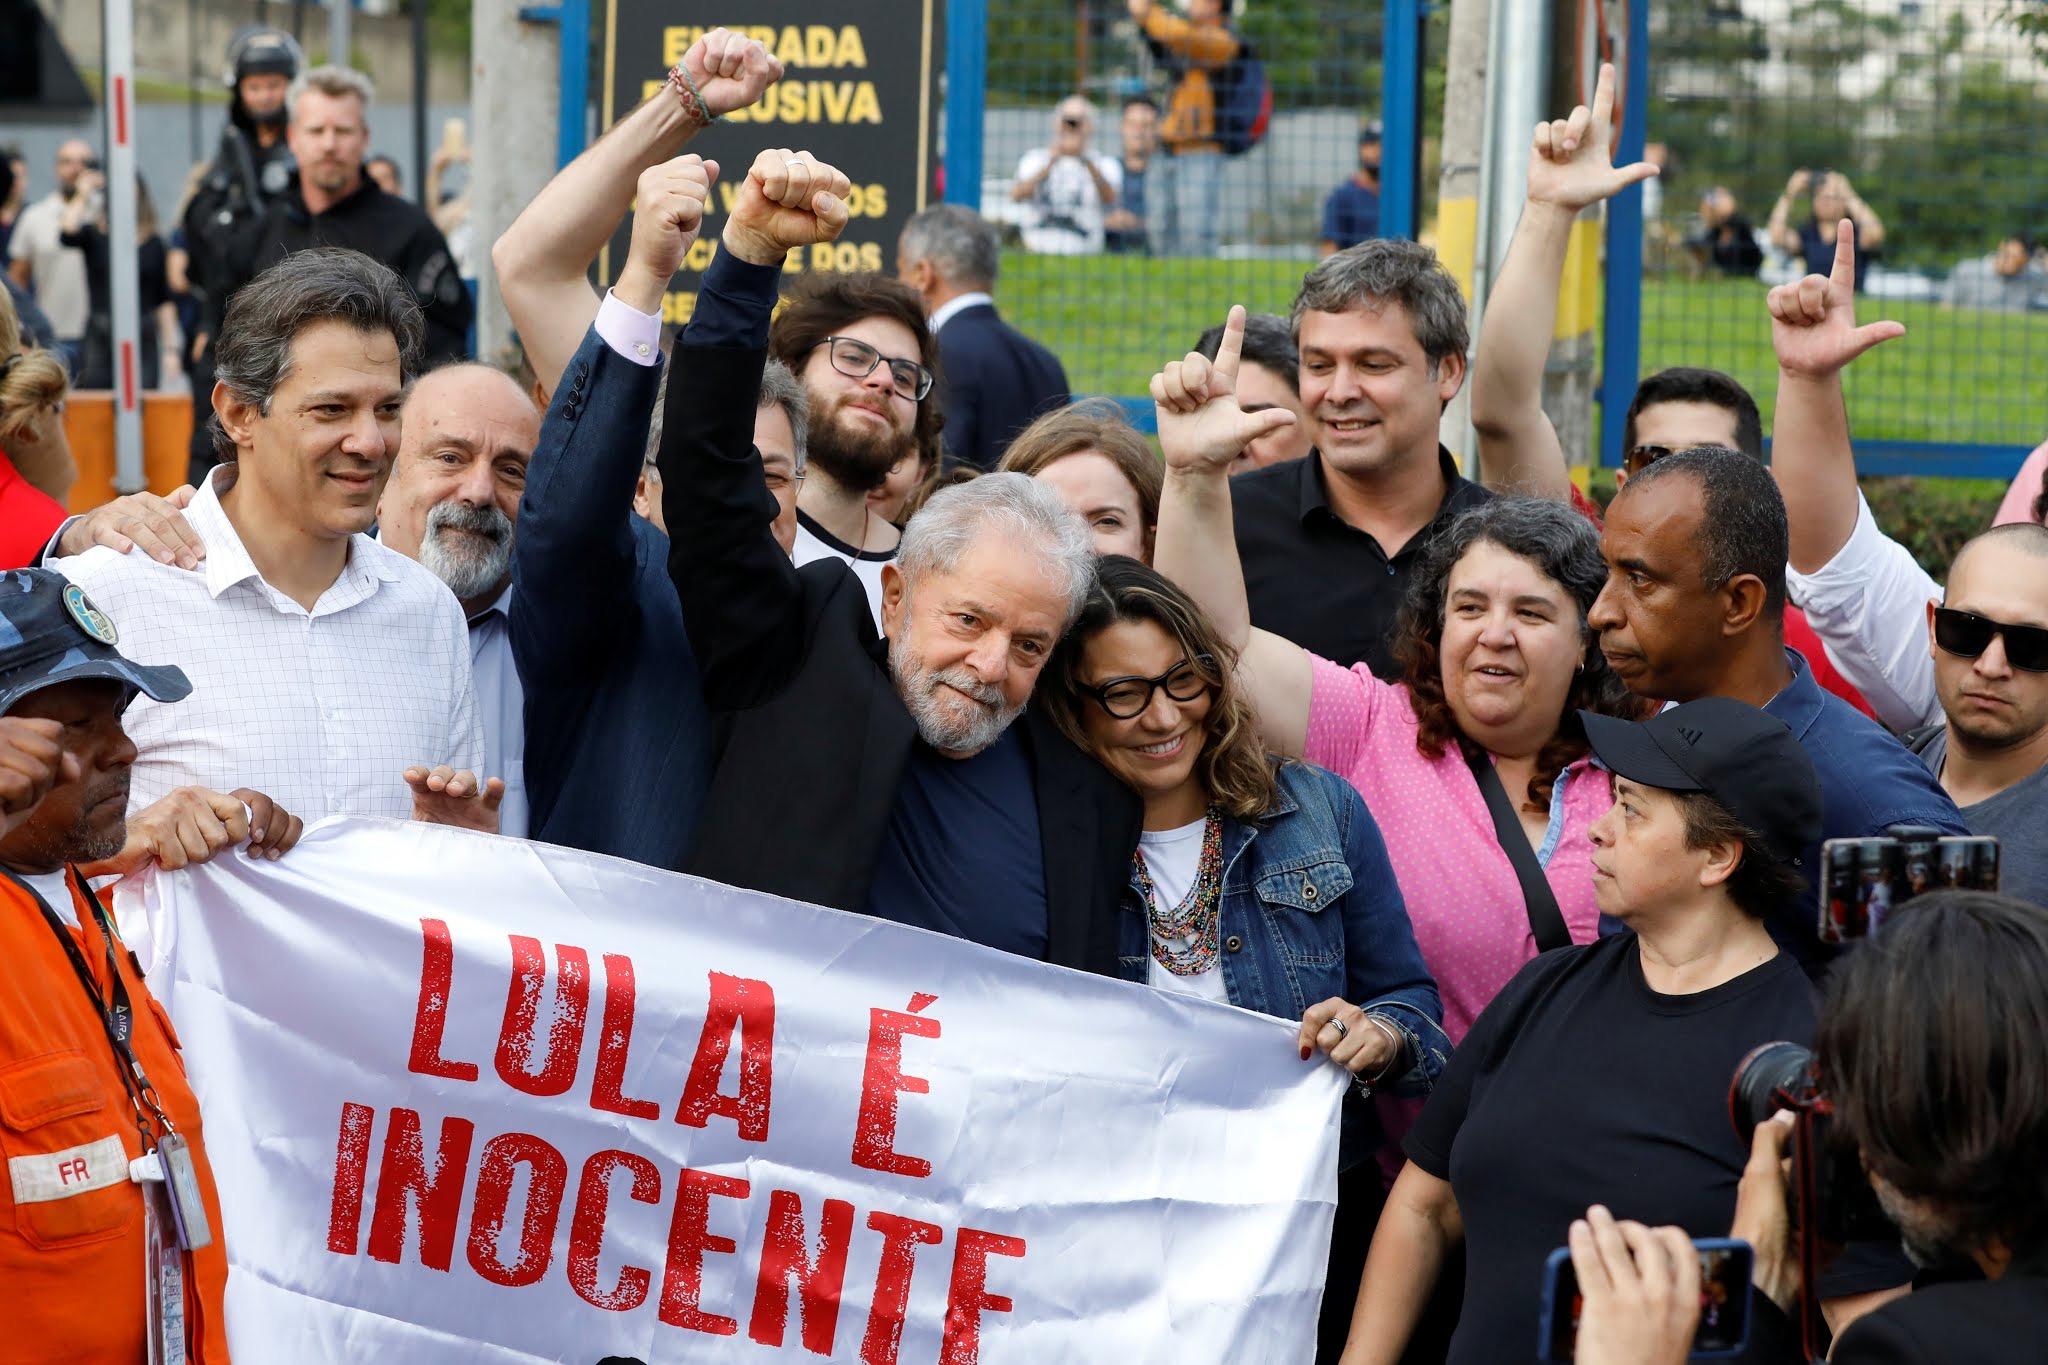 巴西前总统卢拉正式出狱 已因贪腐行为入狱580天